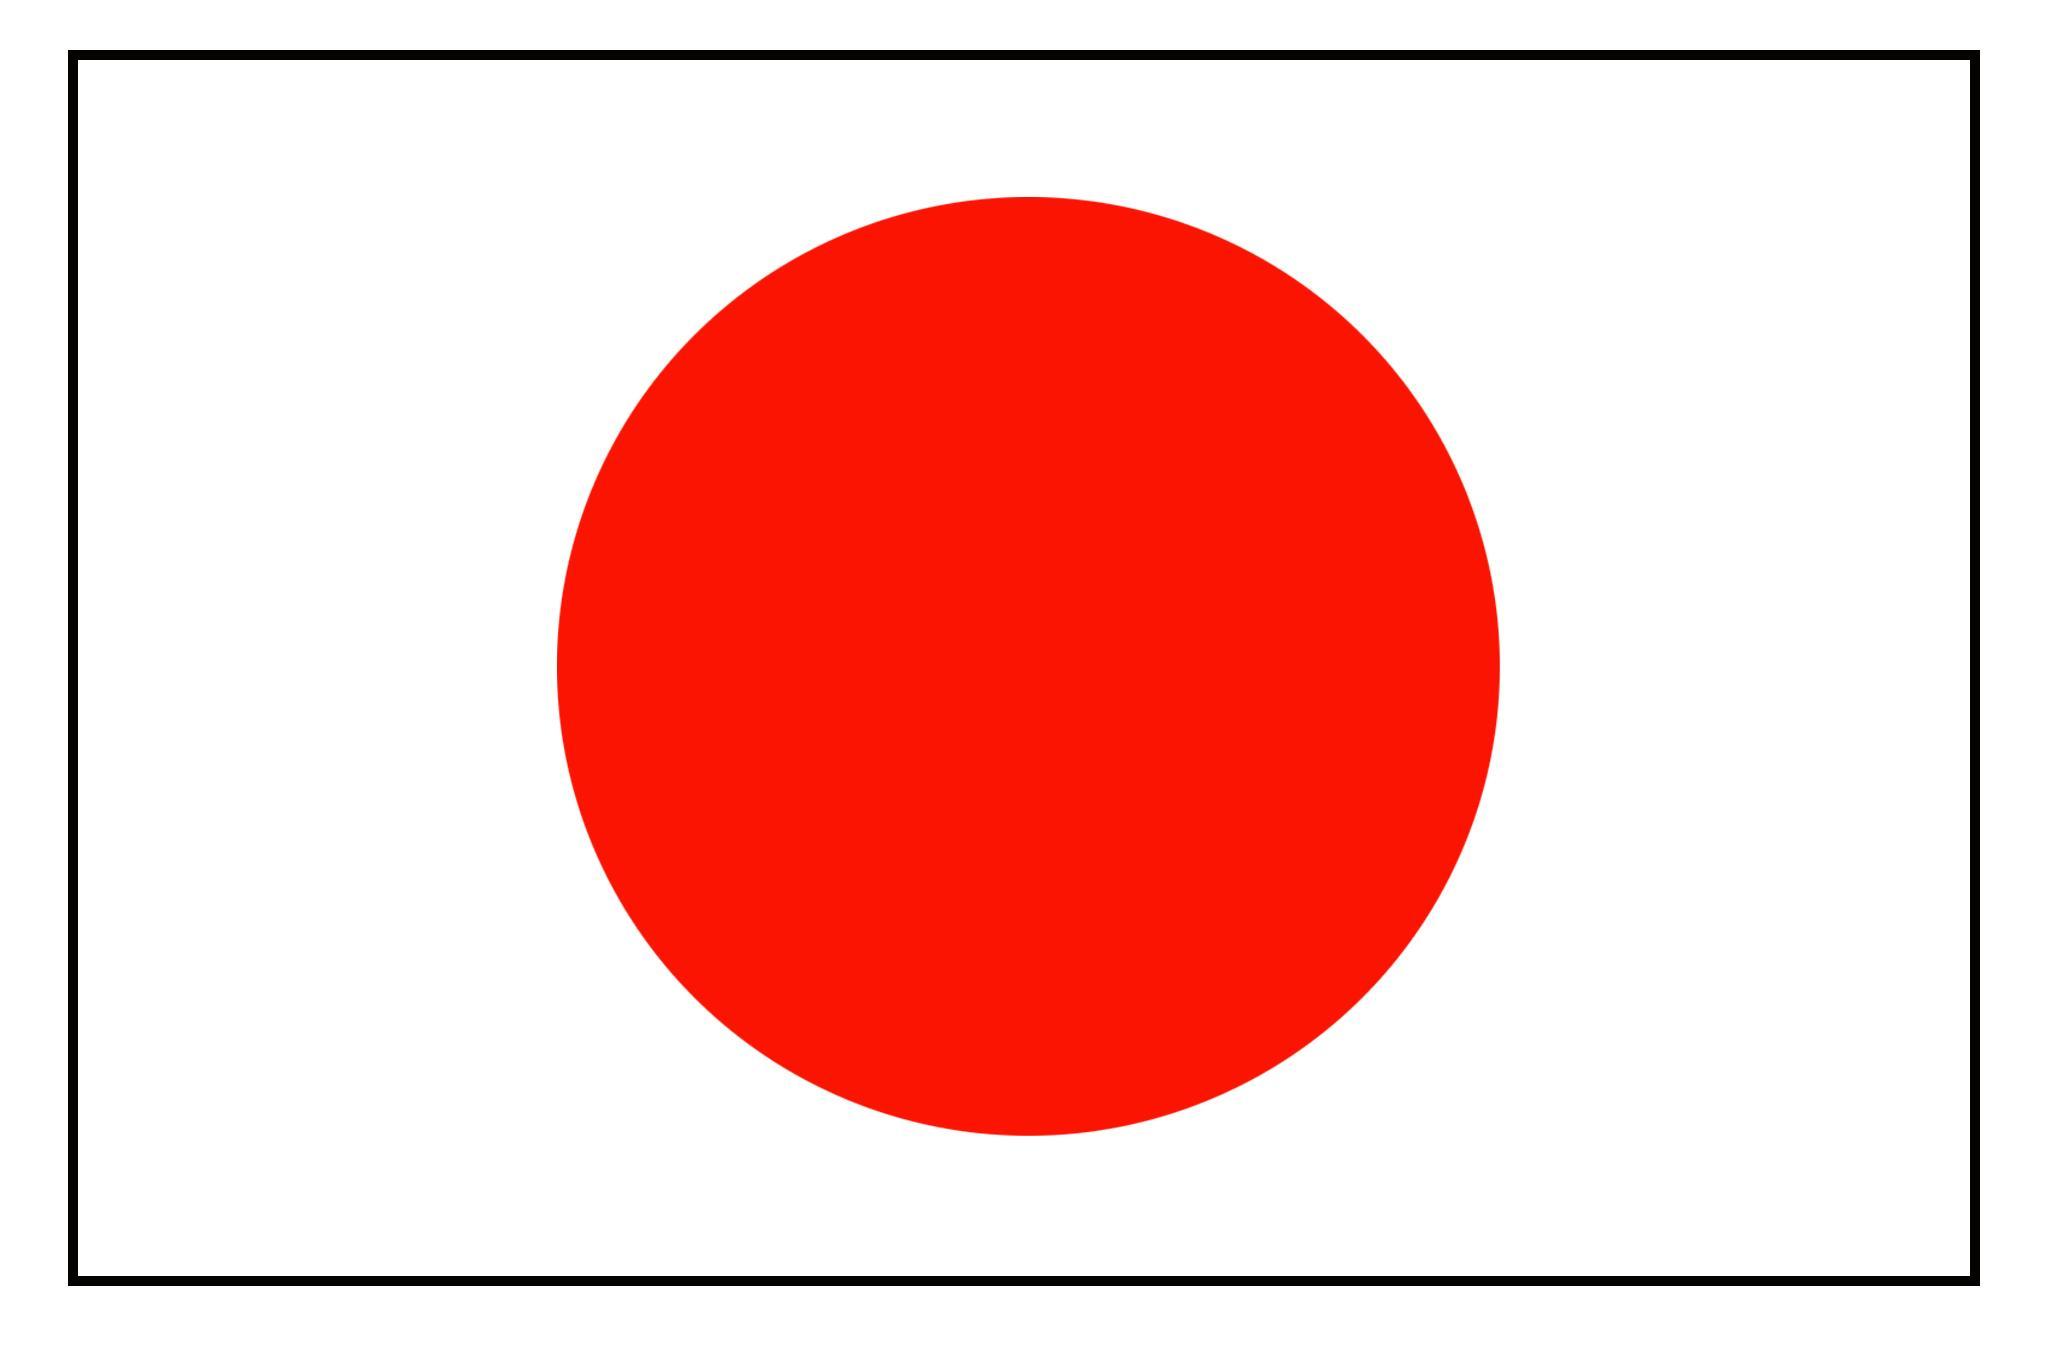 ভাষার দক্ষতাই জাপানে চাকরি ও শিক্ষার  প্রধান যোগ্যতা